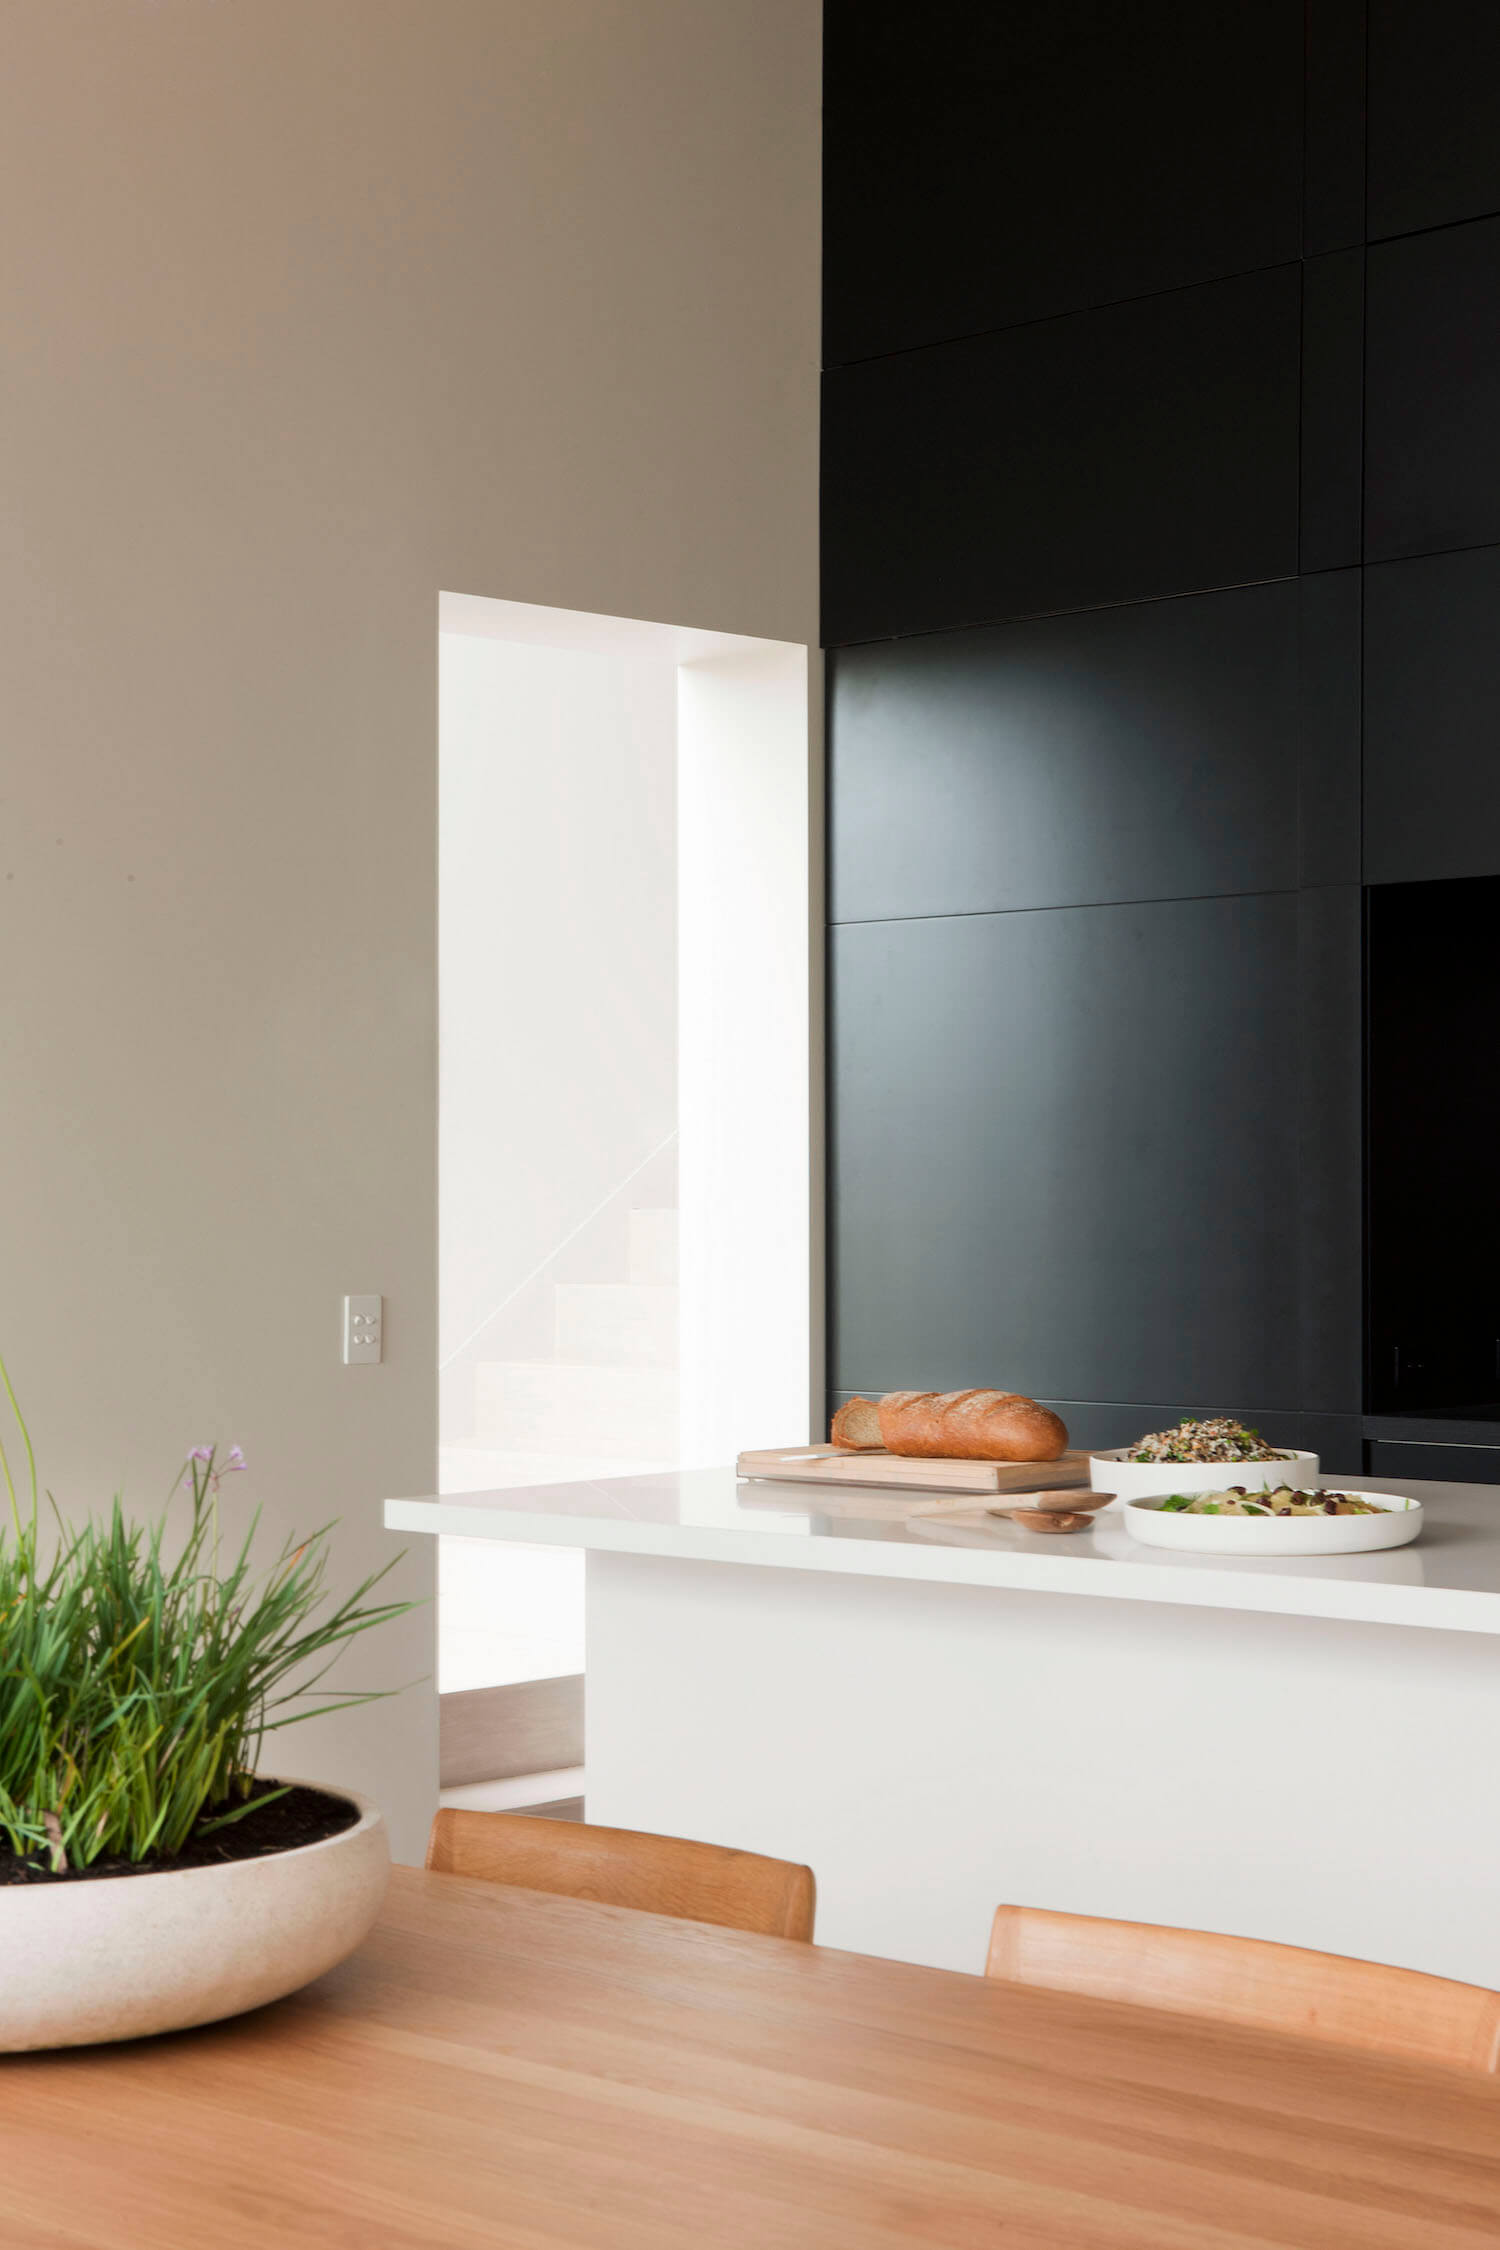 est living australian interiors studiofour ridge road residence image 11